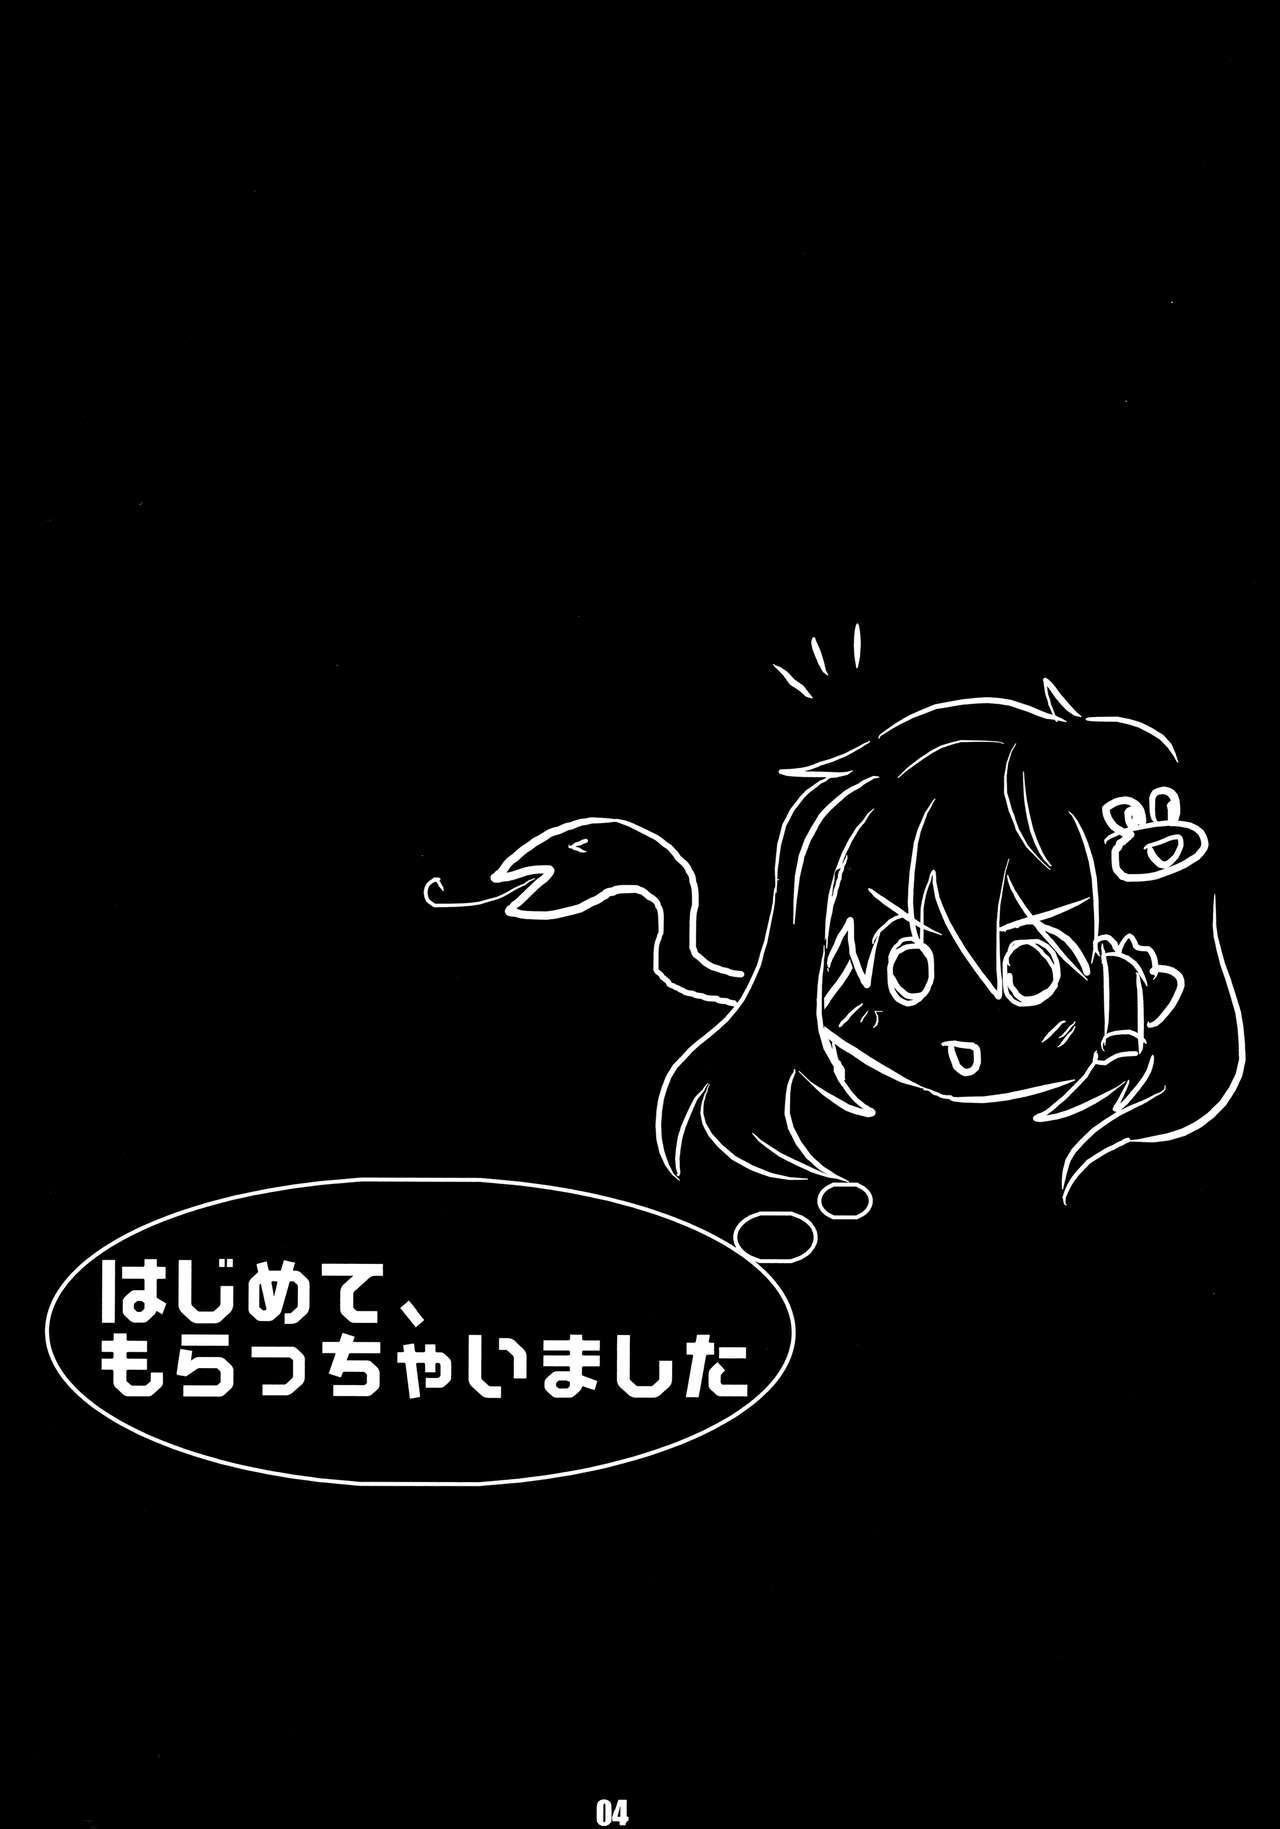 Hajimete, Moracchaimashita 2